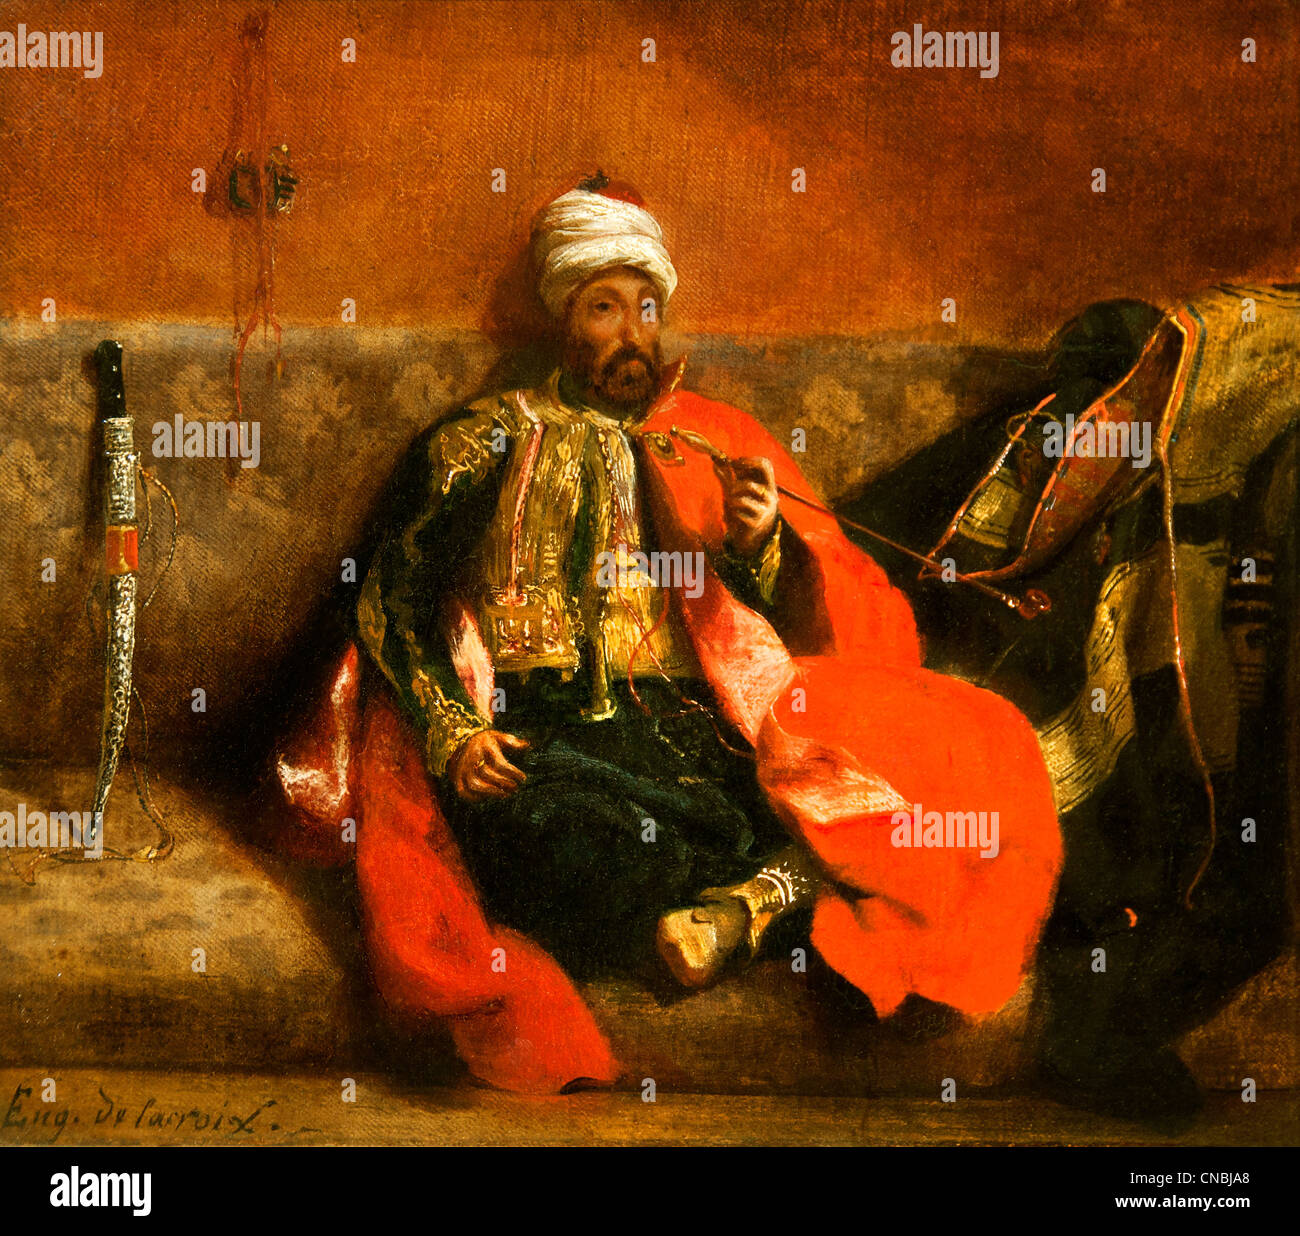 TURC fumant Assis Sur un Divan - Turk Rauchen sitzen auf einer Couch durch Ferdinand Victor Eugène Delacroix Stockbild